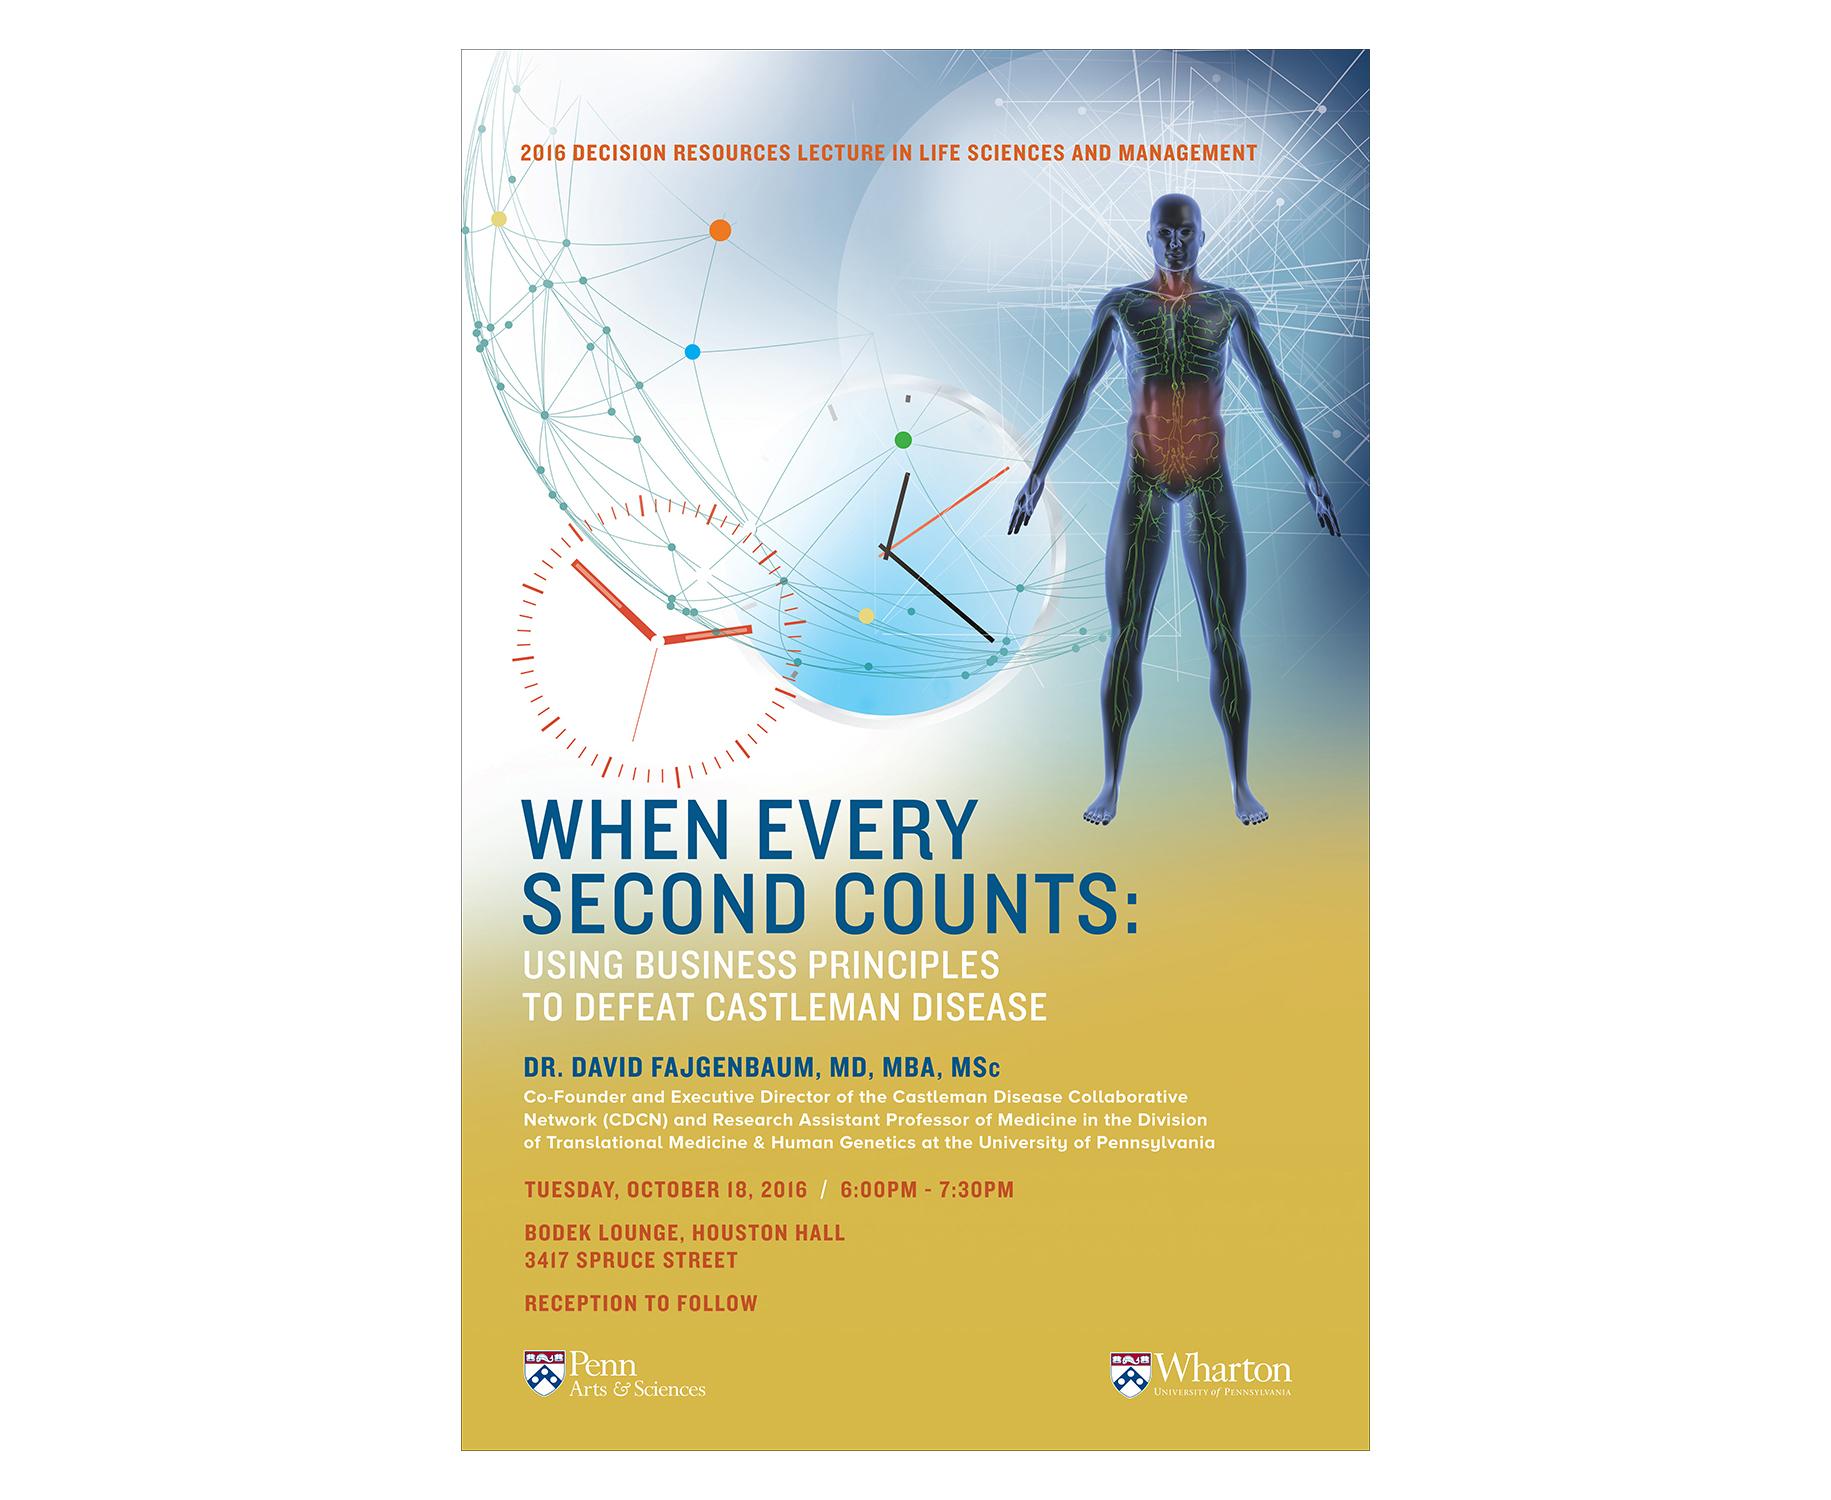 kelsh-wilson-design-penn-life-sciences-management-event-promo-poster-2016.jpg